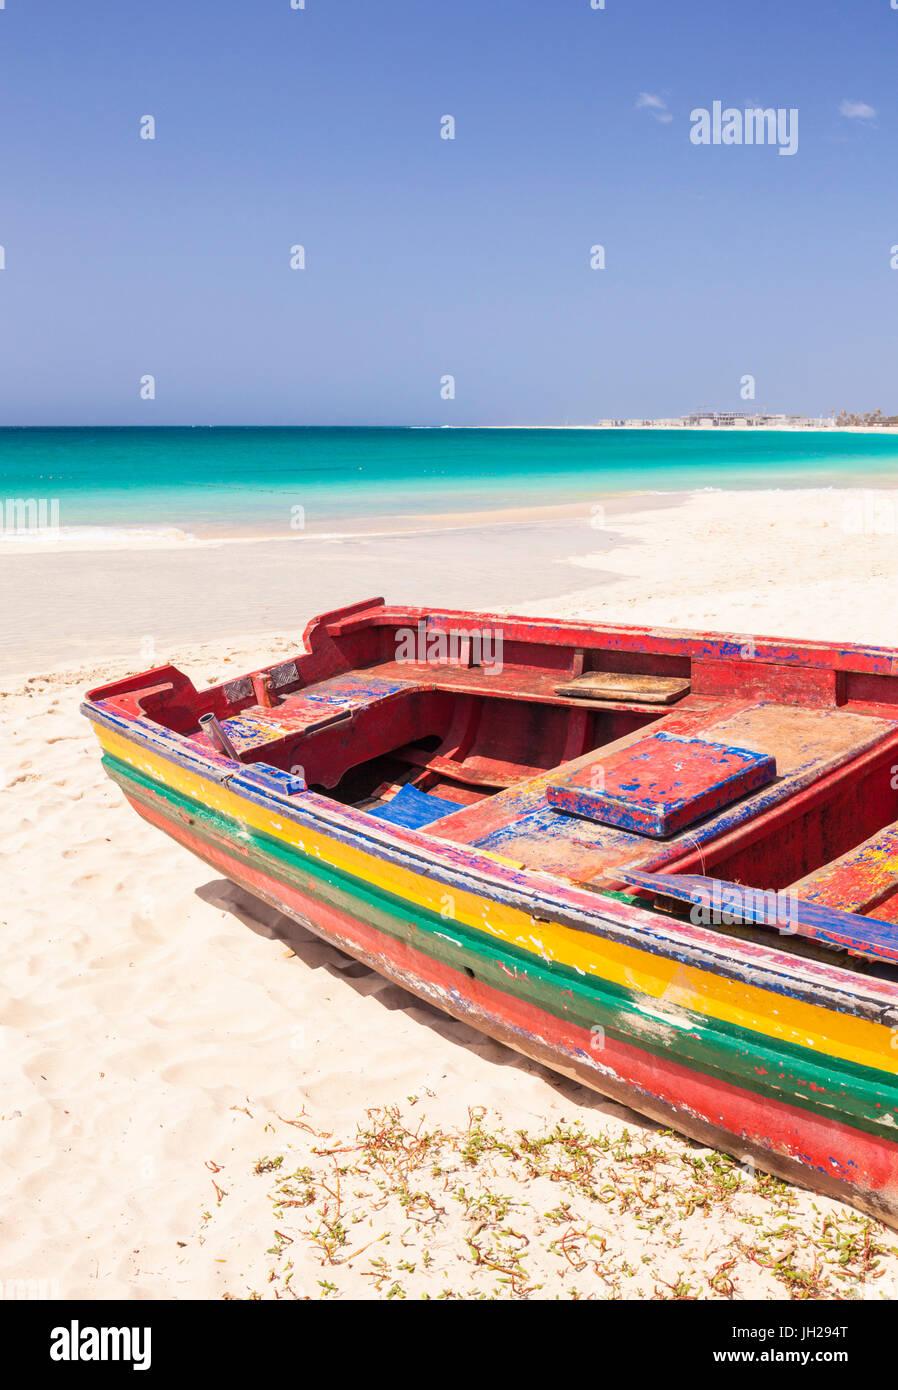 Colourful traditional local fishing boat on the beach at Santa Maria, Praia da Santa Maria, Sal Island, Cape Verde, - Stock Image